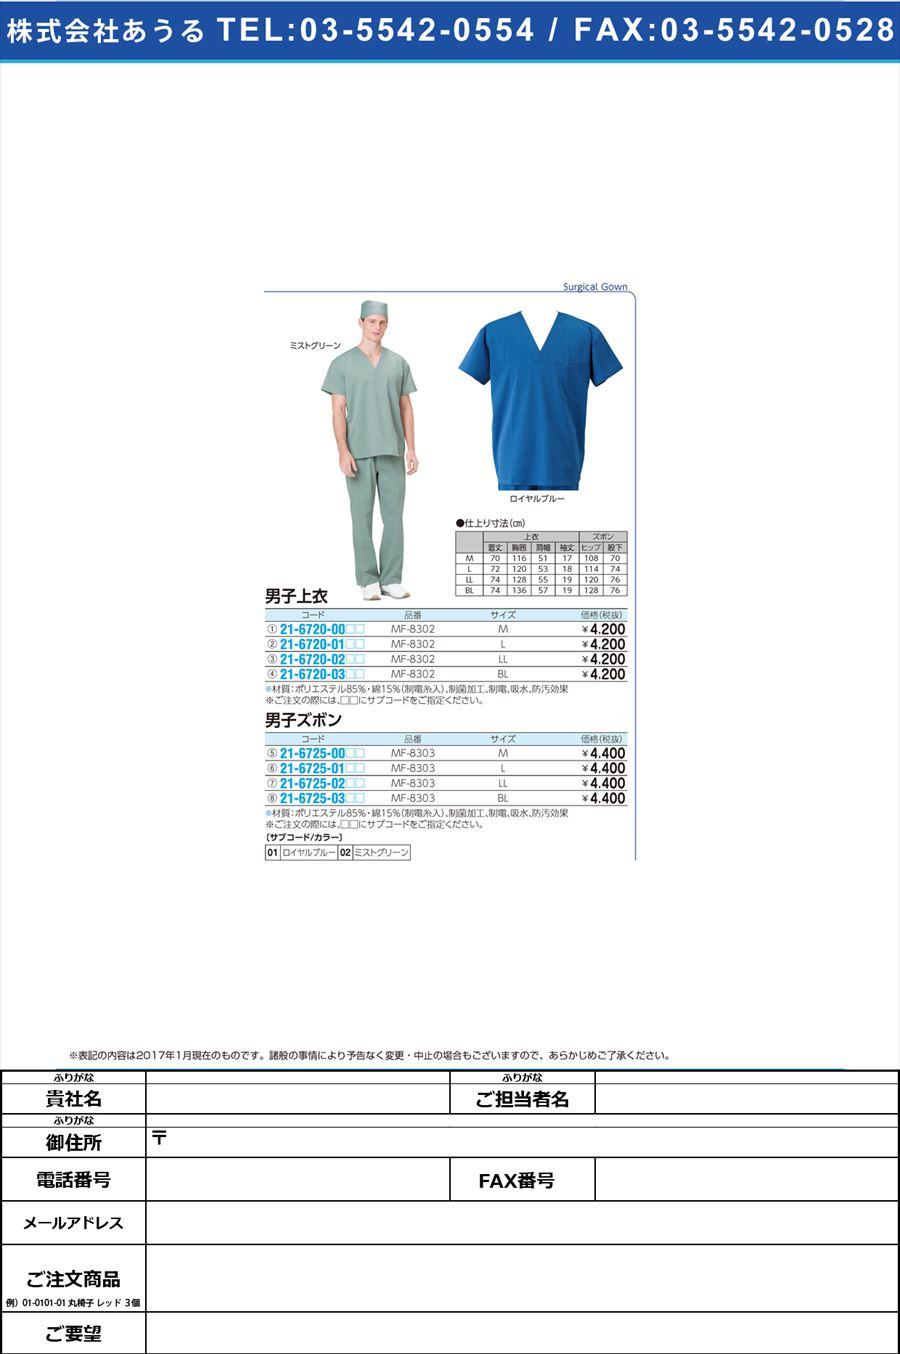 男子ズボン ダンシズボン MF-8303(L)(21-6725-01)【1枚単位】【2017年カタログ商品】